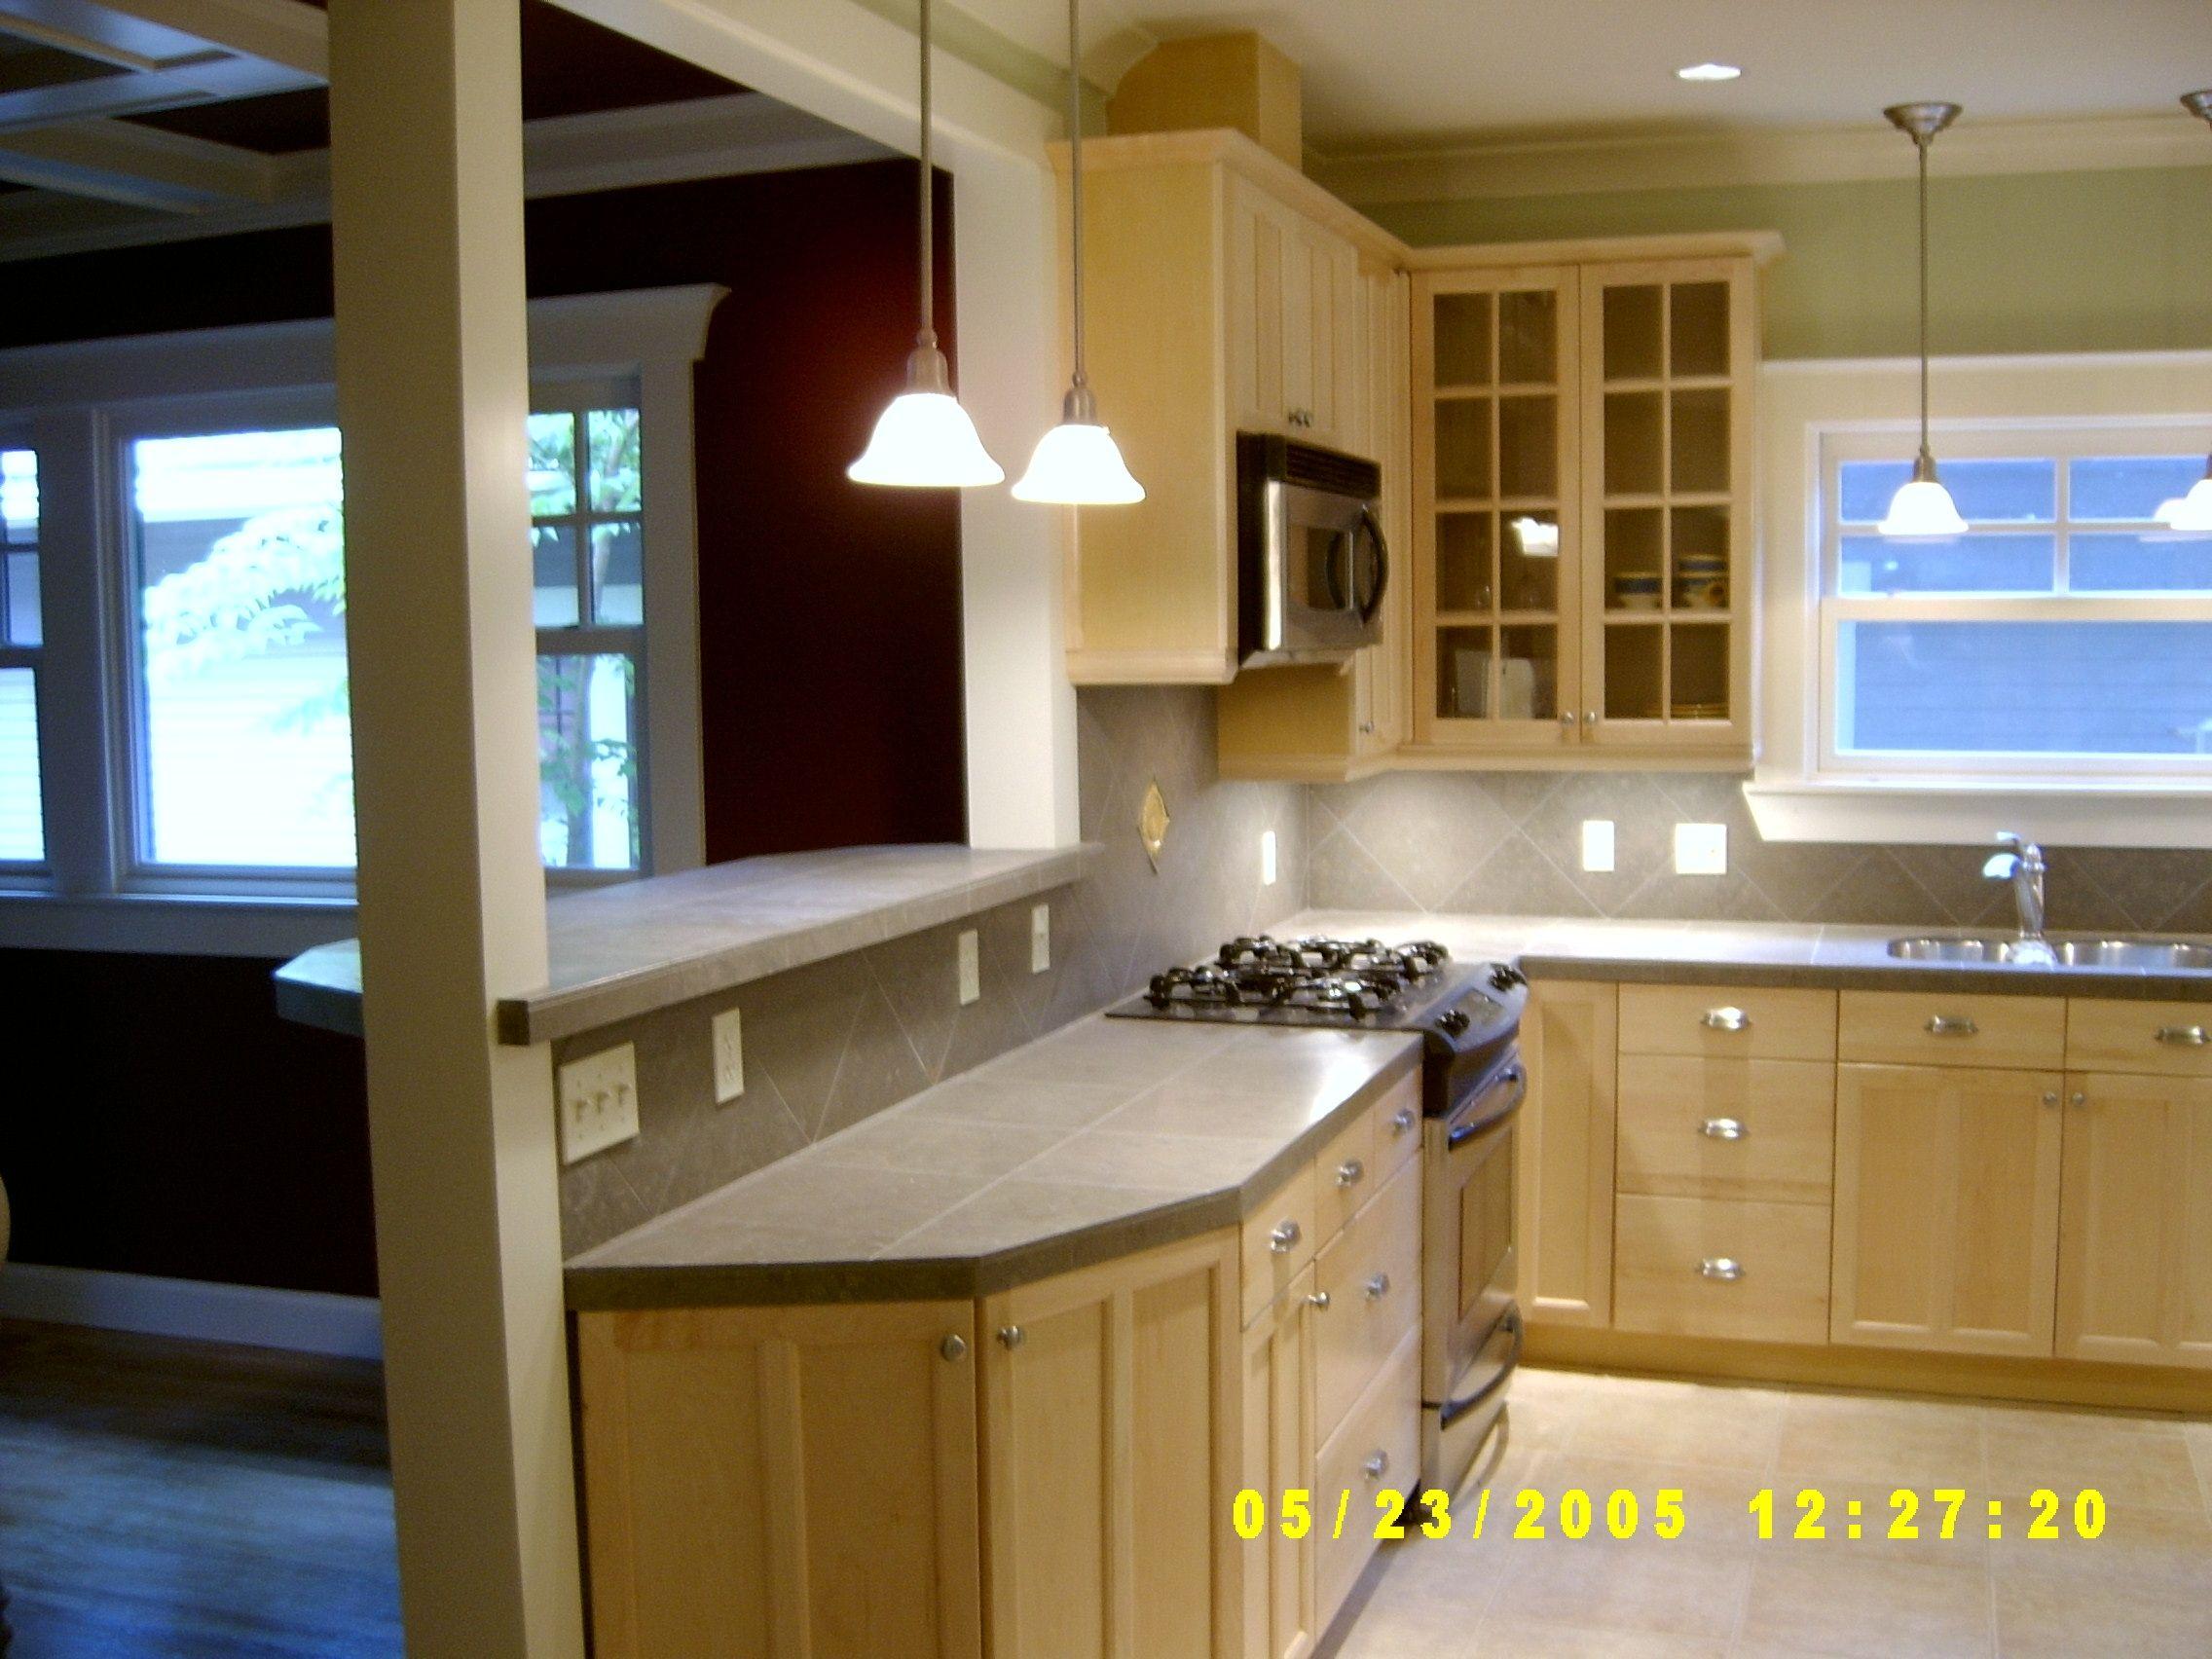 Small Kitchen Design 9 X 12 Kitchen Design Small Space Kitchen Layout Open Floor Plan Kitchen